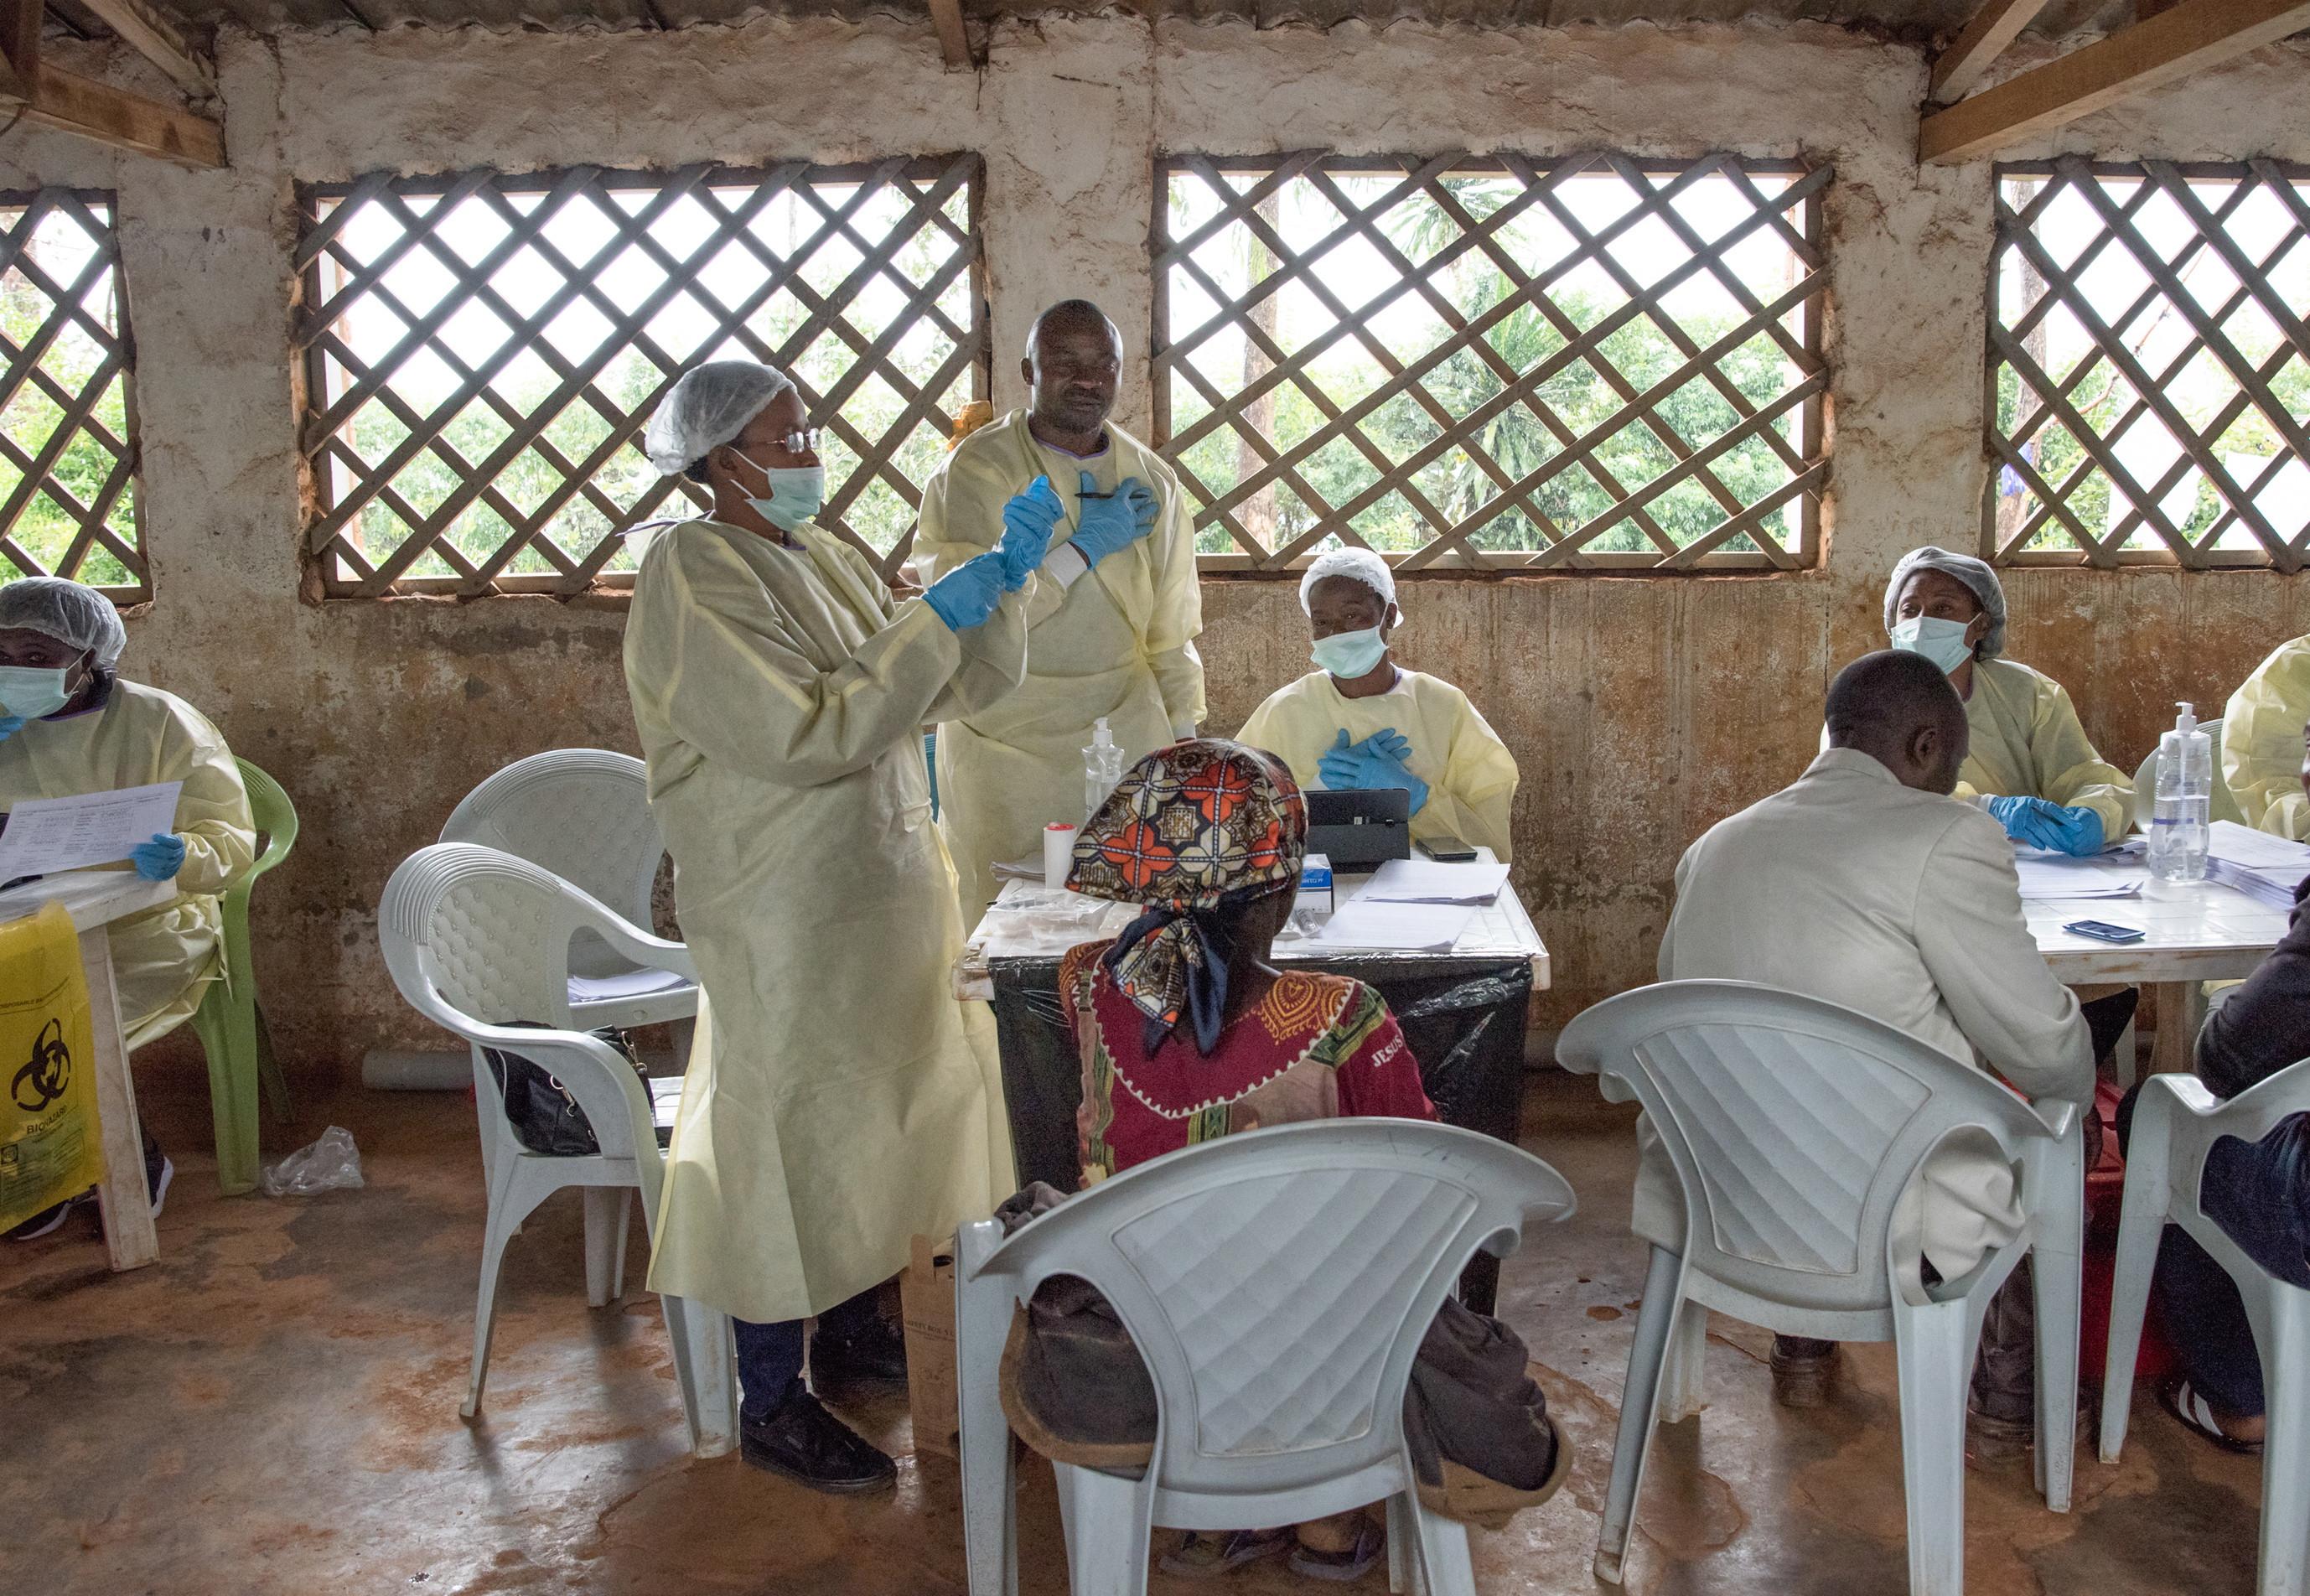 Morreram 11 pessoas em apenas 24 horas vítimas de ébola na RD Congo